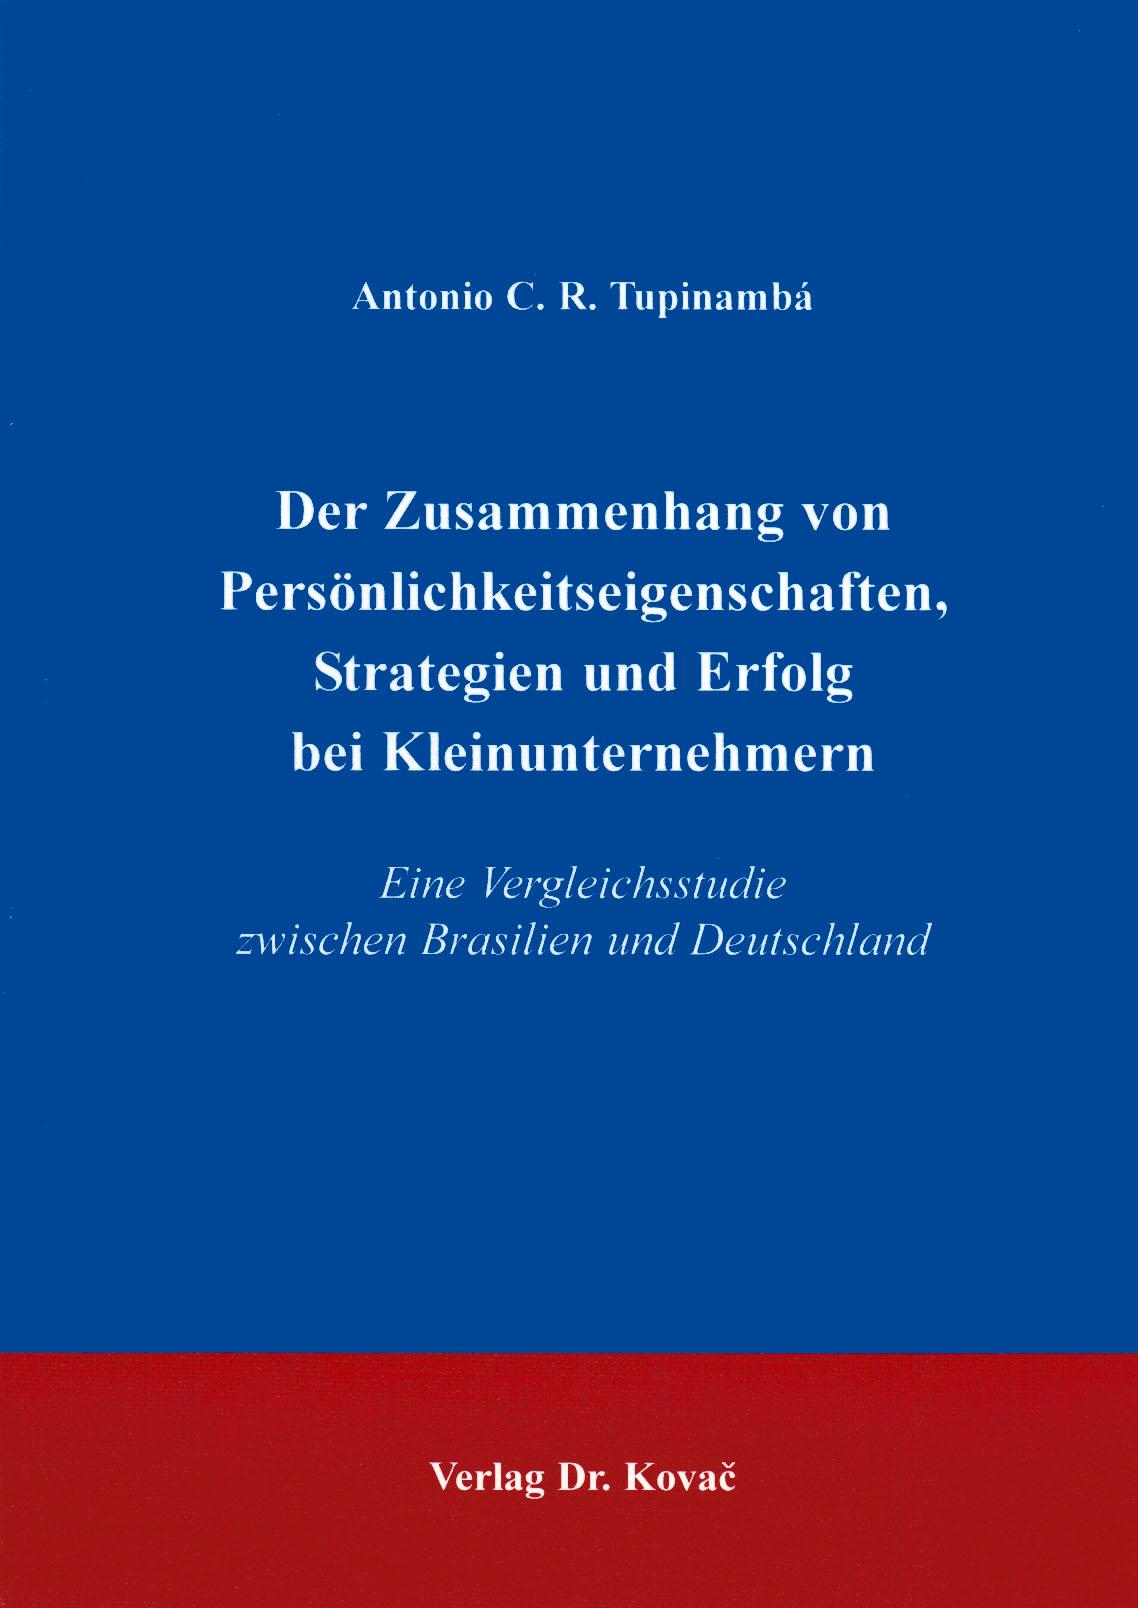 Cover: Der Zusammenhang von Persönlichkeitseigenschaften, Strategien und Erfolg bei Kleinunternehmern